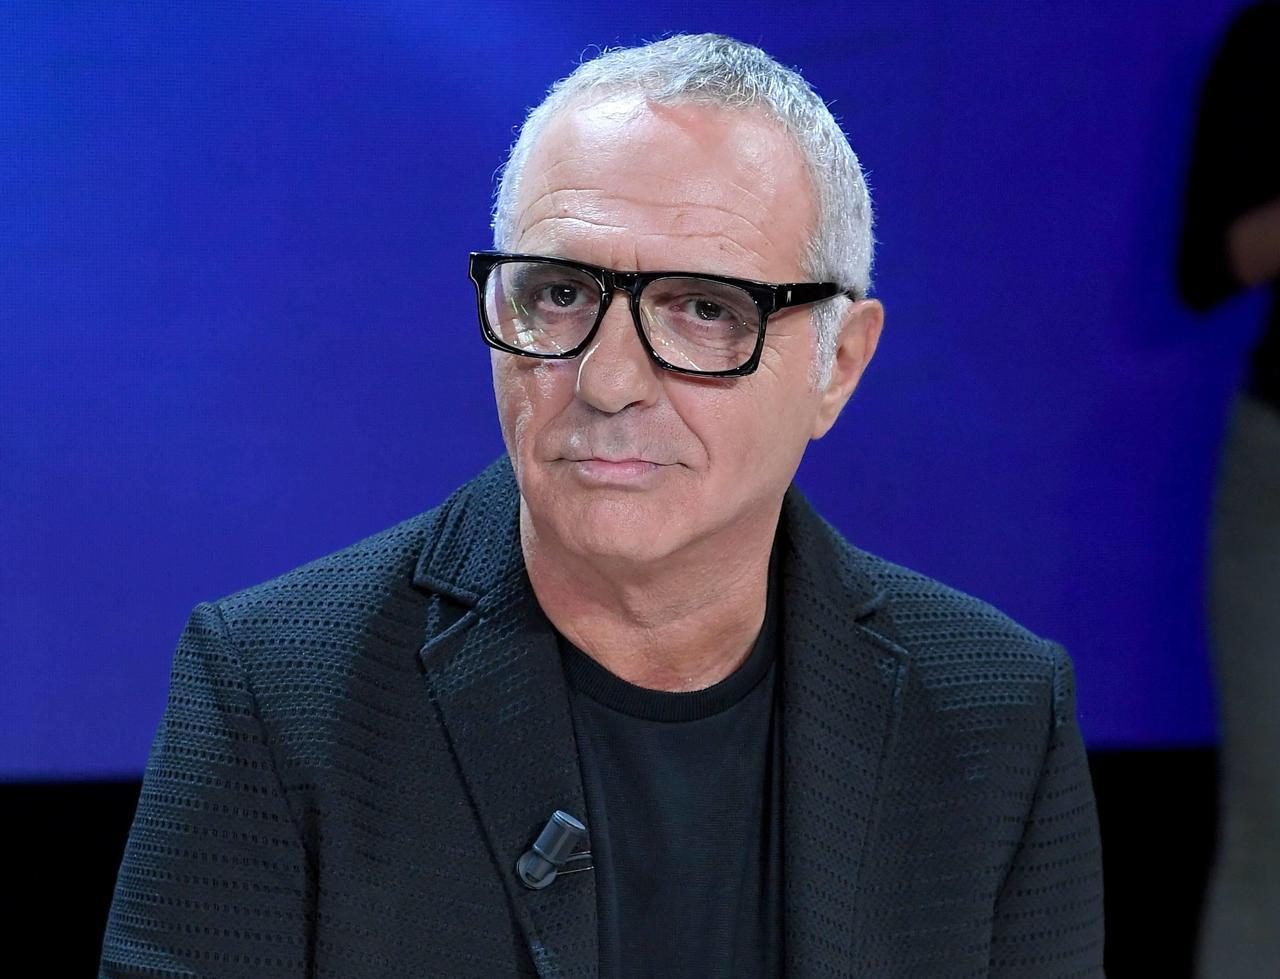 """Amici Speciali, Giorgio Panariello fa una terribile gaffe e il mondo del web lo stronca, """"alle battute che fa ride solo lui"""""""